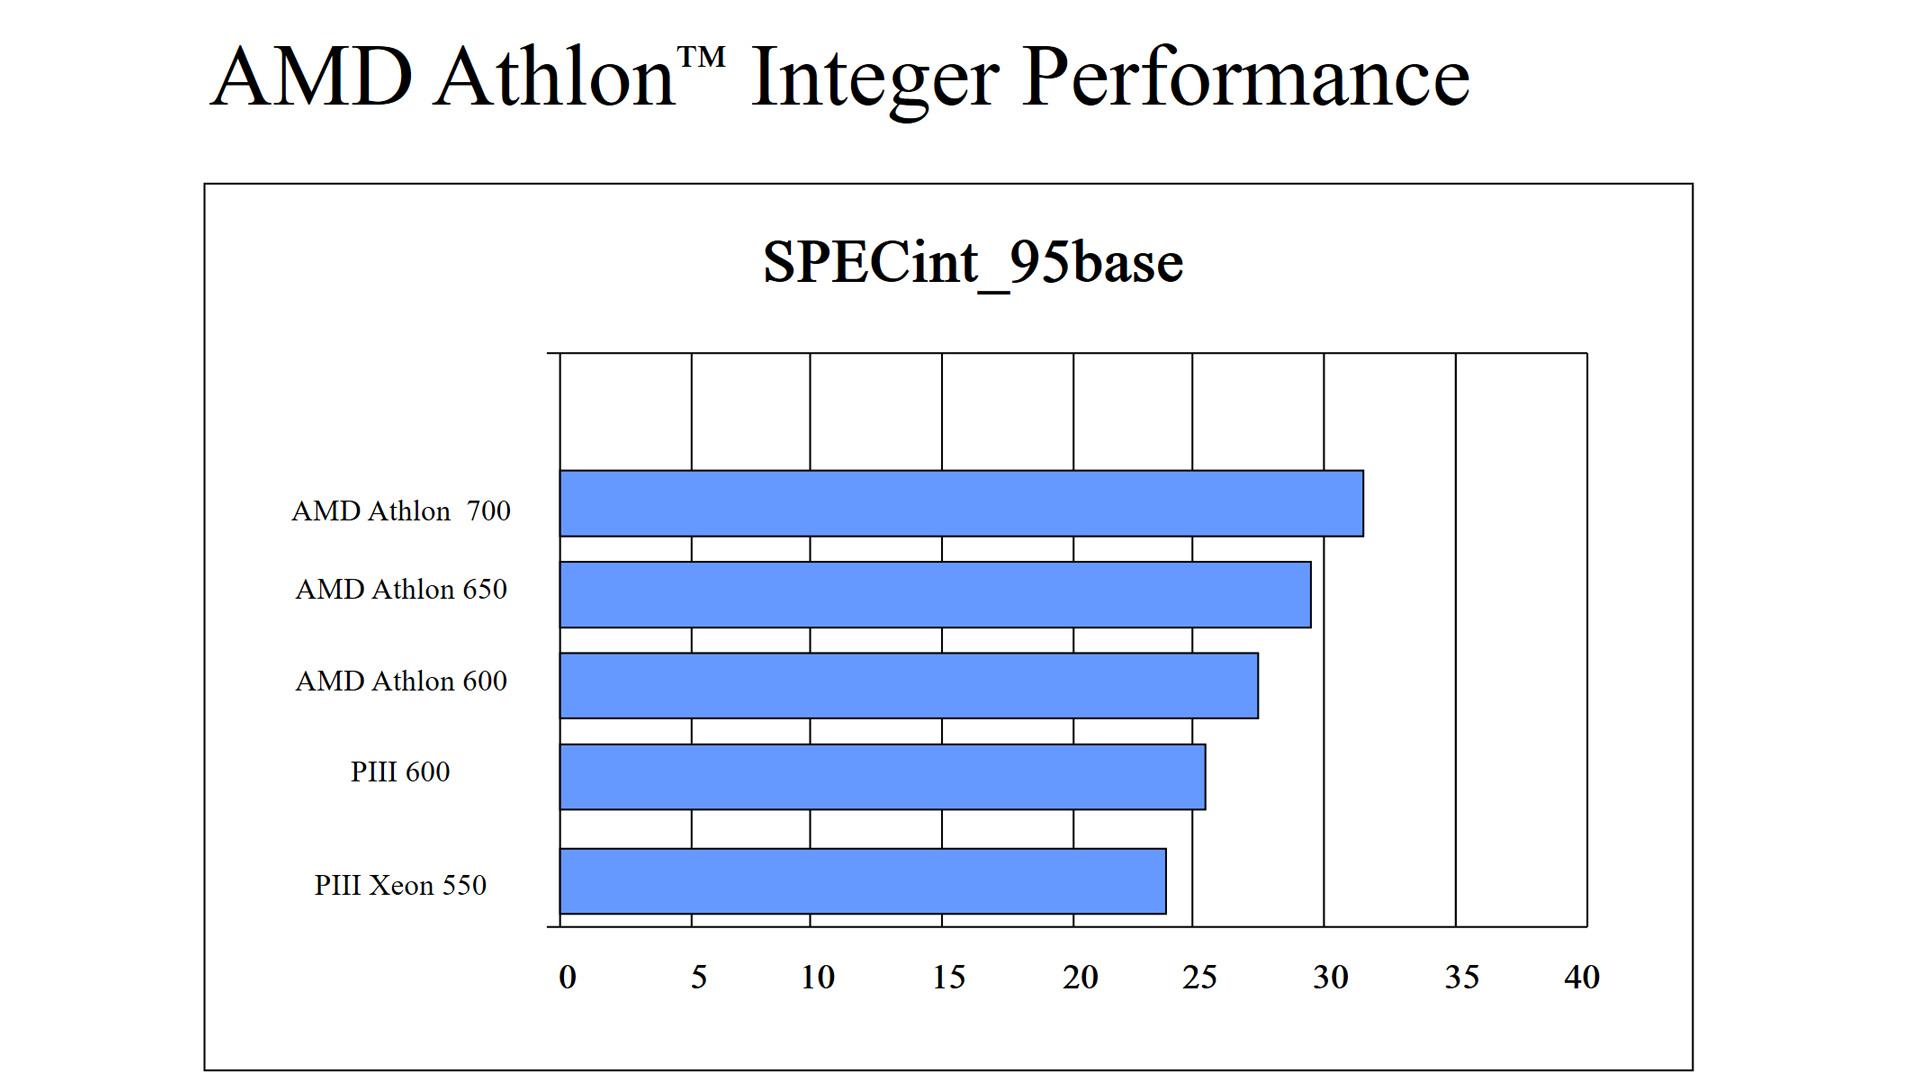 ...und Integer-Leistung als der Pentium III